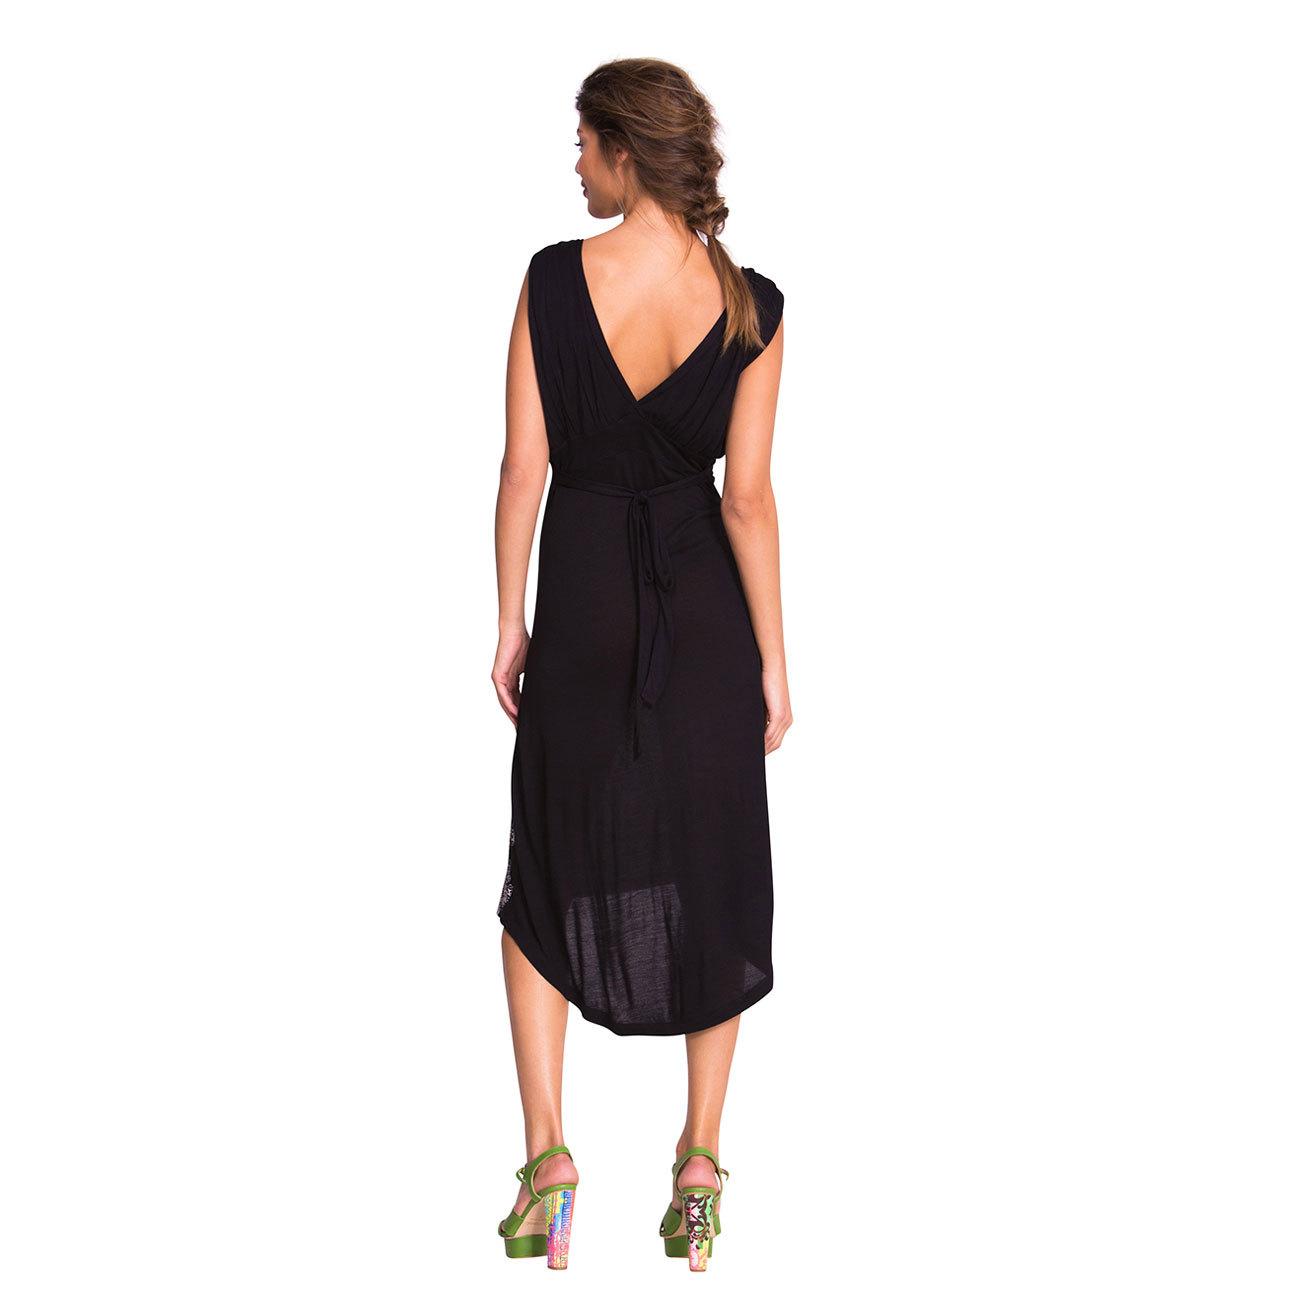 %Desigual Quita Kleid schwarz M-XL neue Sommer Kollektion ...